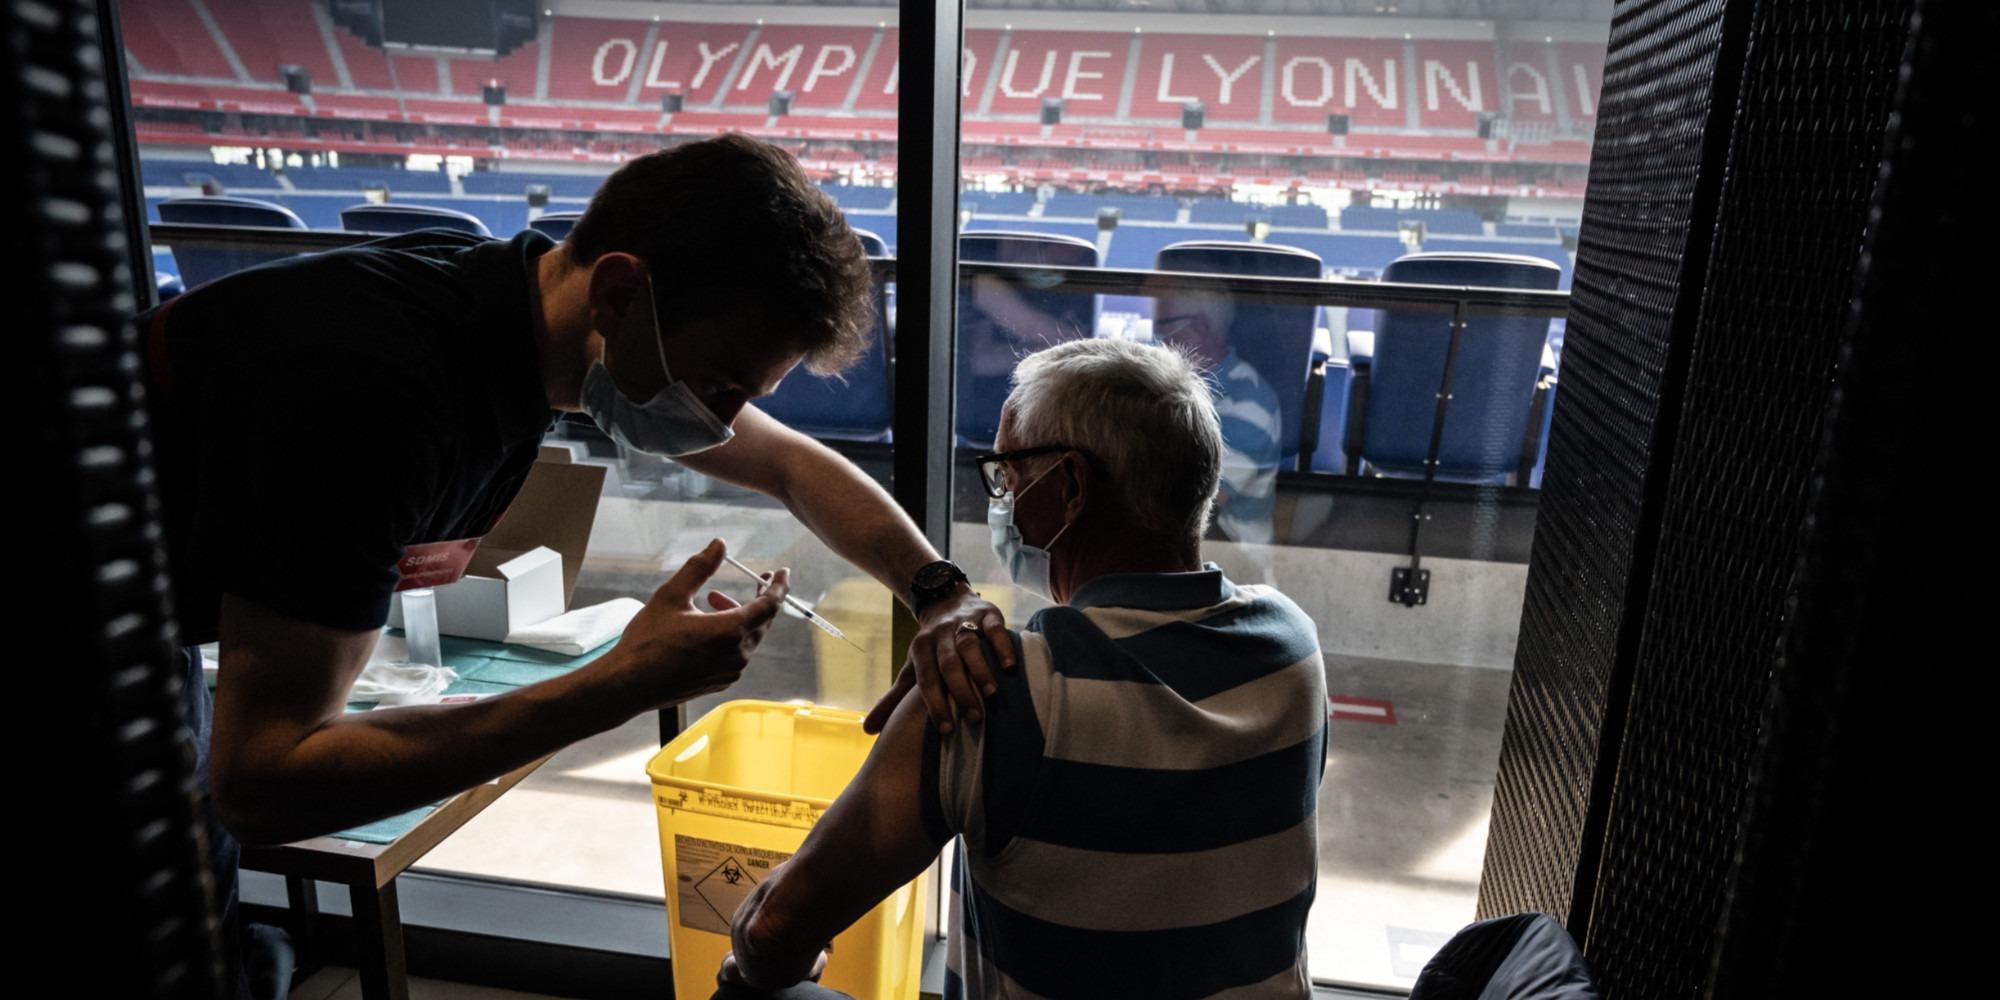 Les anciens malades du Covid-19 doivent attendre trois mois avant de se faire vacciner